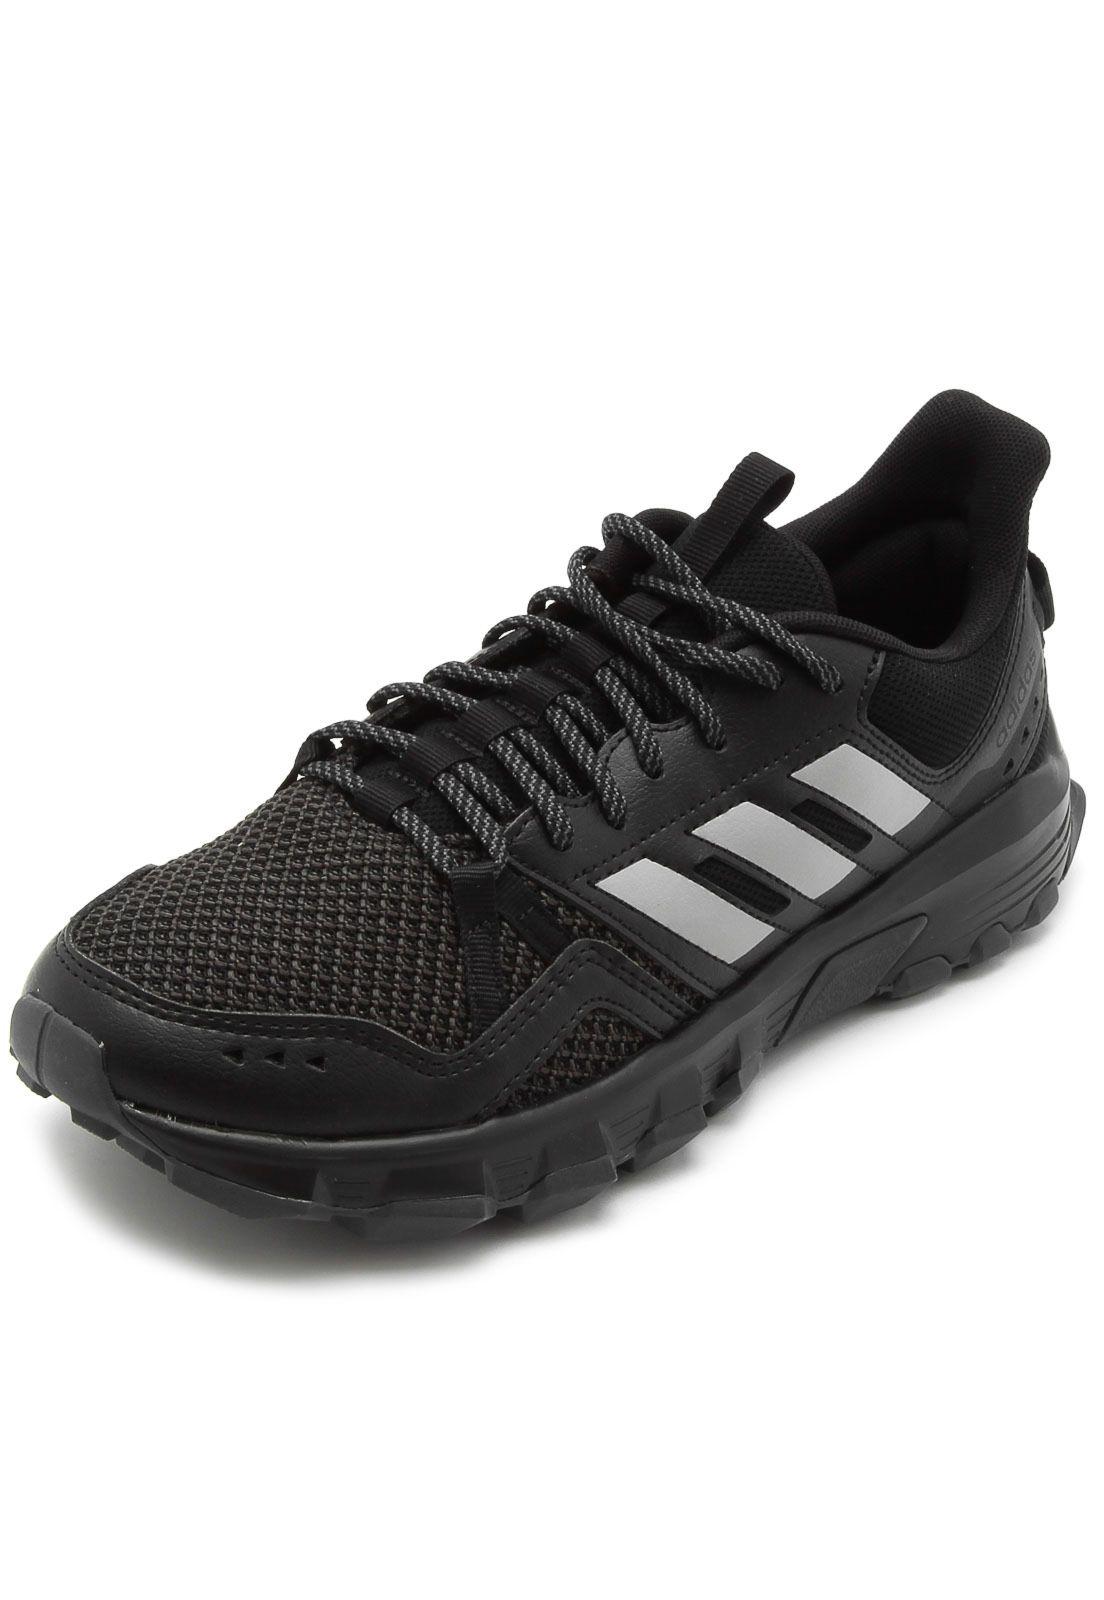 Tenis rockadia trail m   Tênis adidas preto, Tenis adidas e